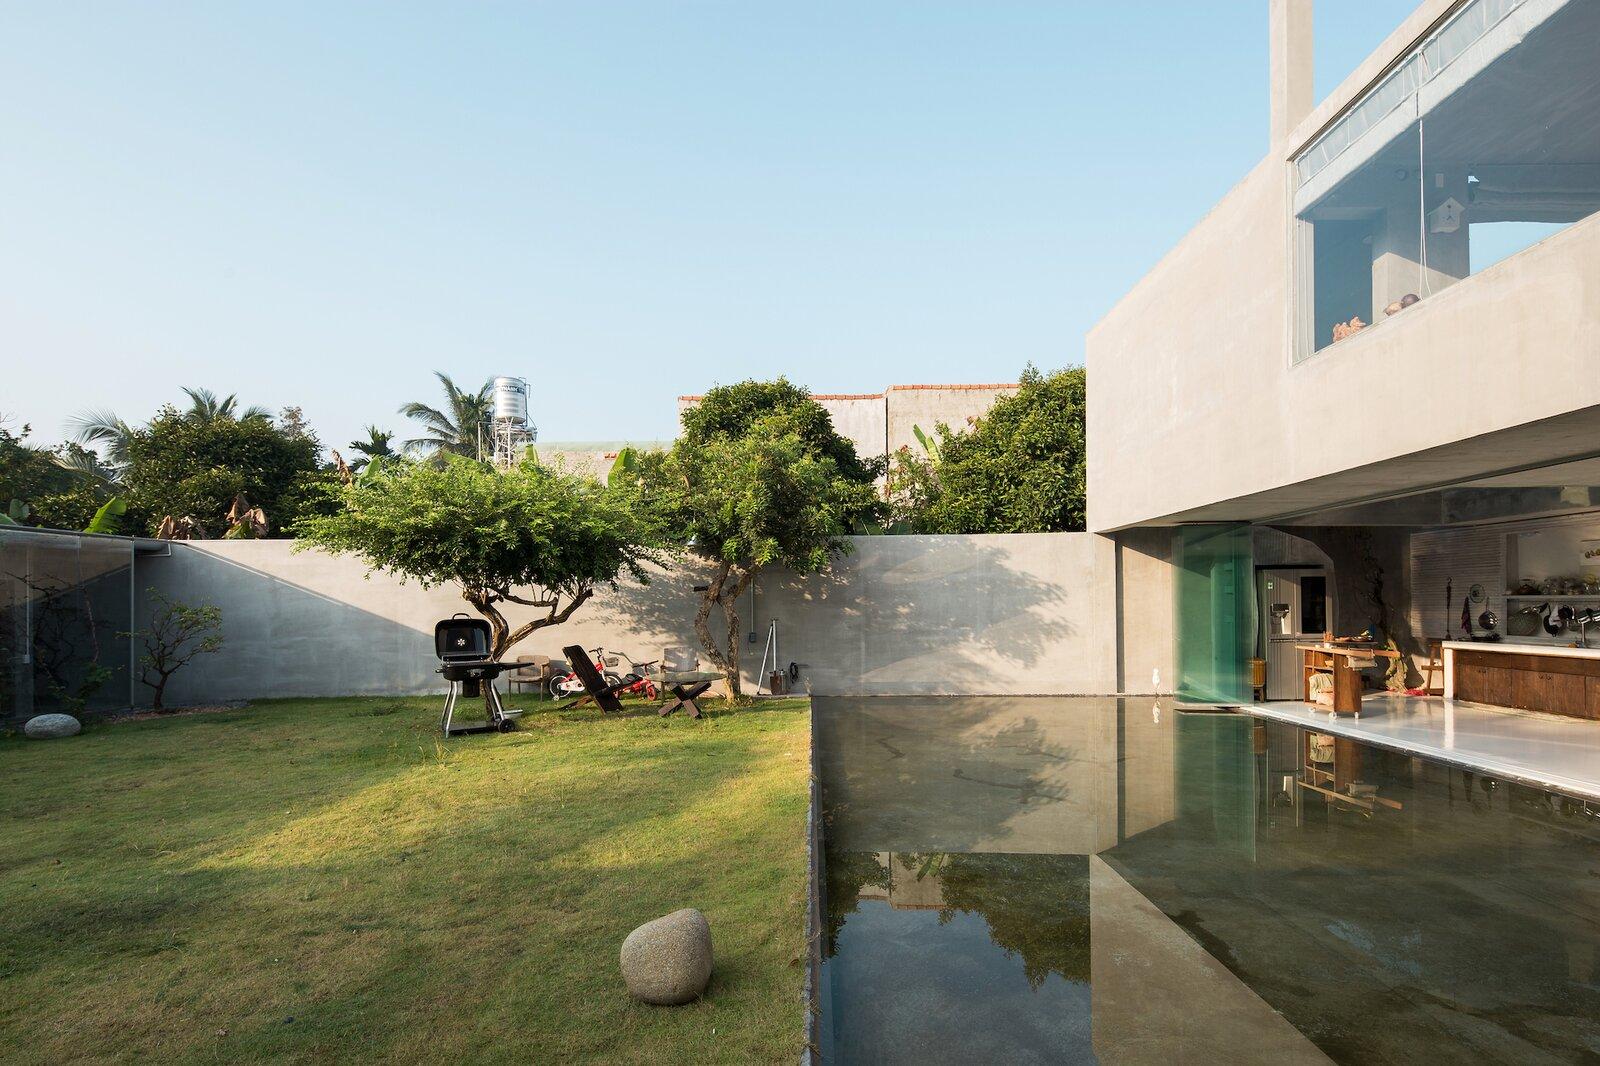 Da House backyard